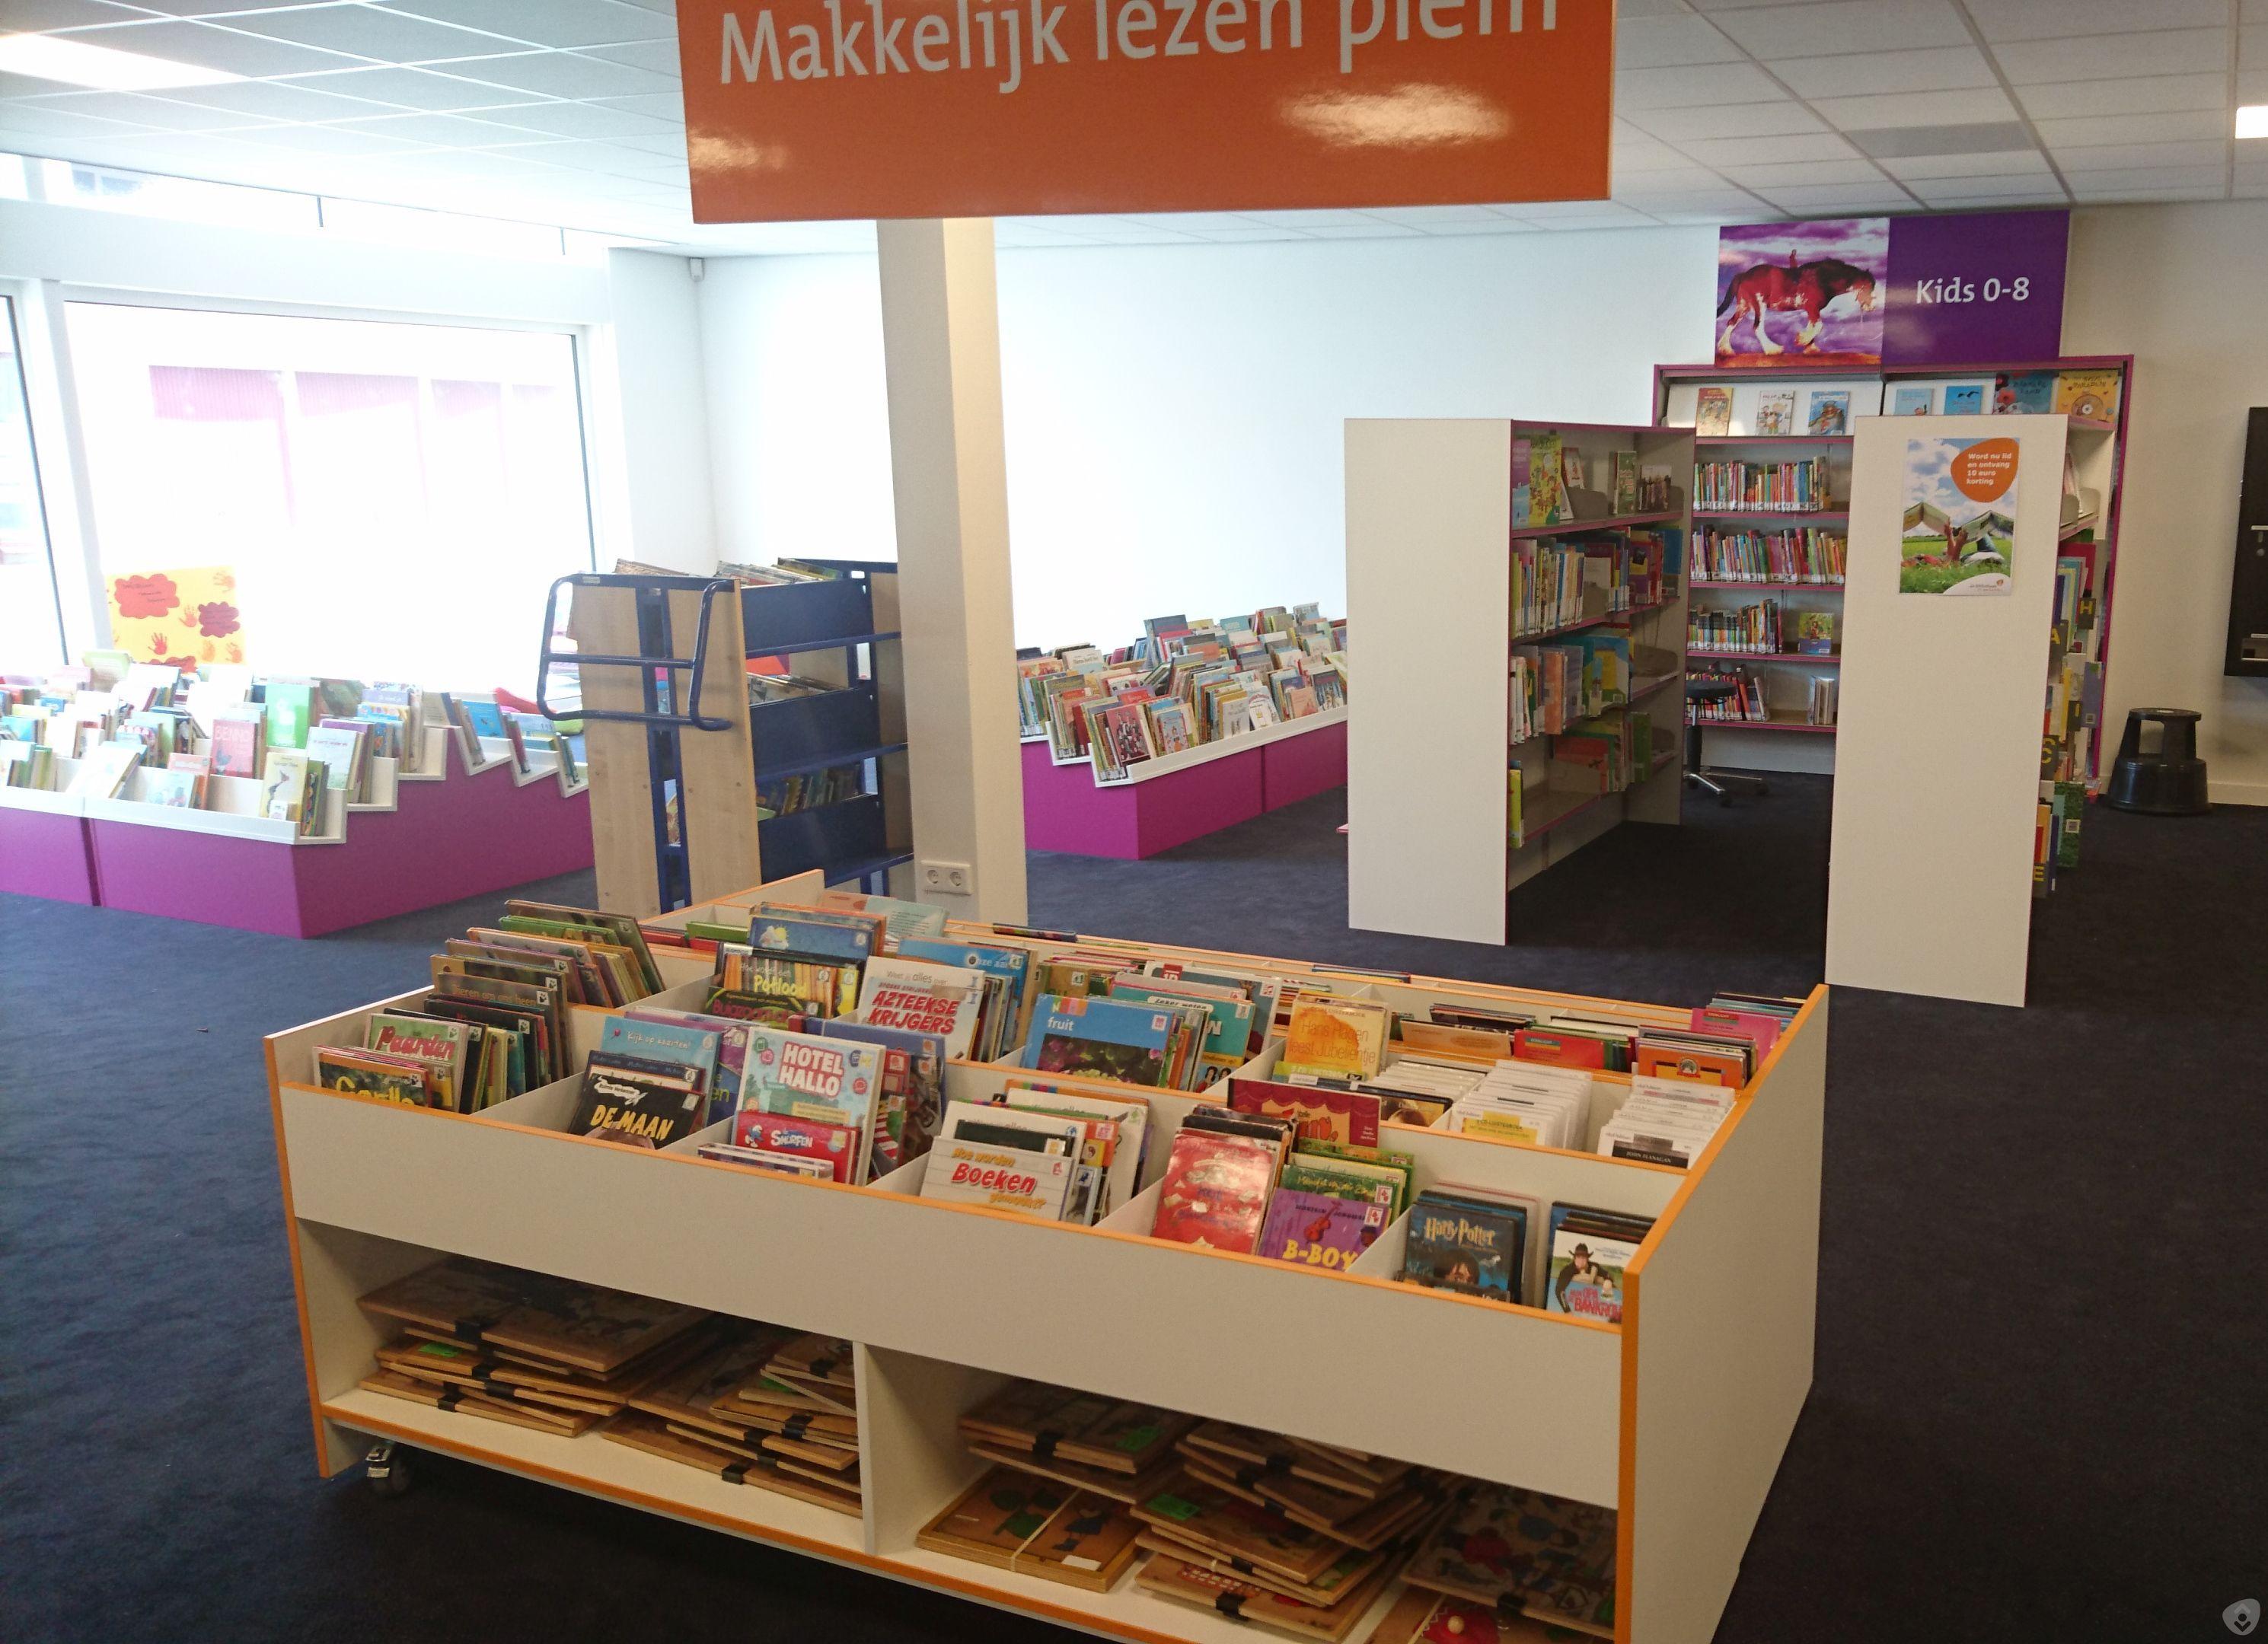 Bibliotheek Boekel.jpg (625254 bytes)